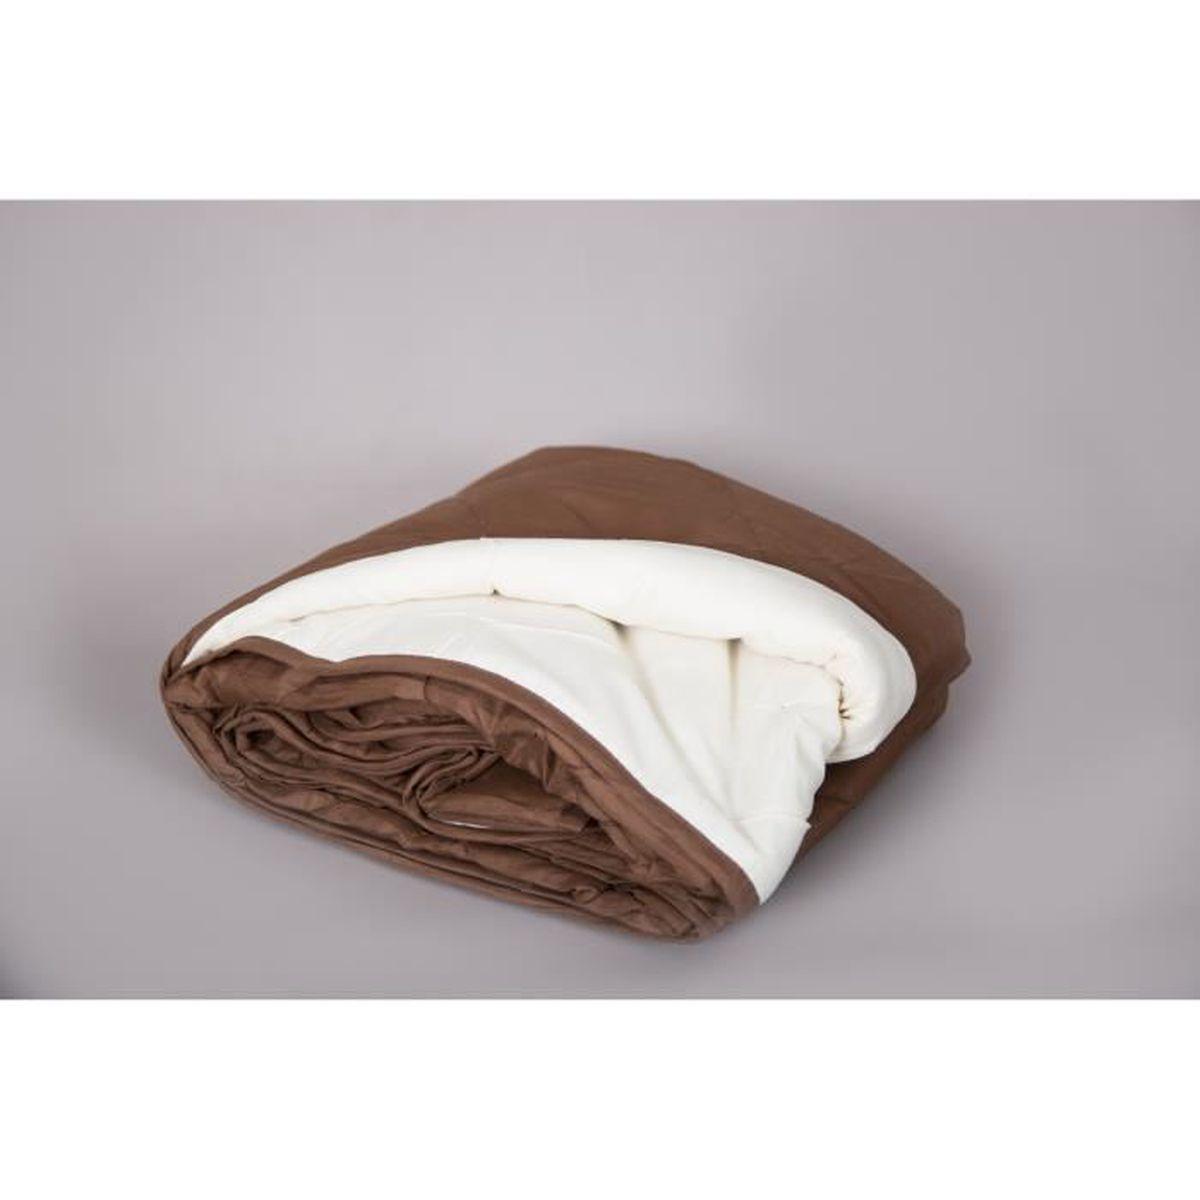 Couette de lit ete 140 200 250g chocolat et beige achat vente couette s - Linge de lit chocolat ...